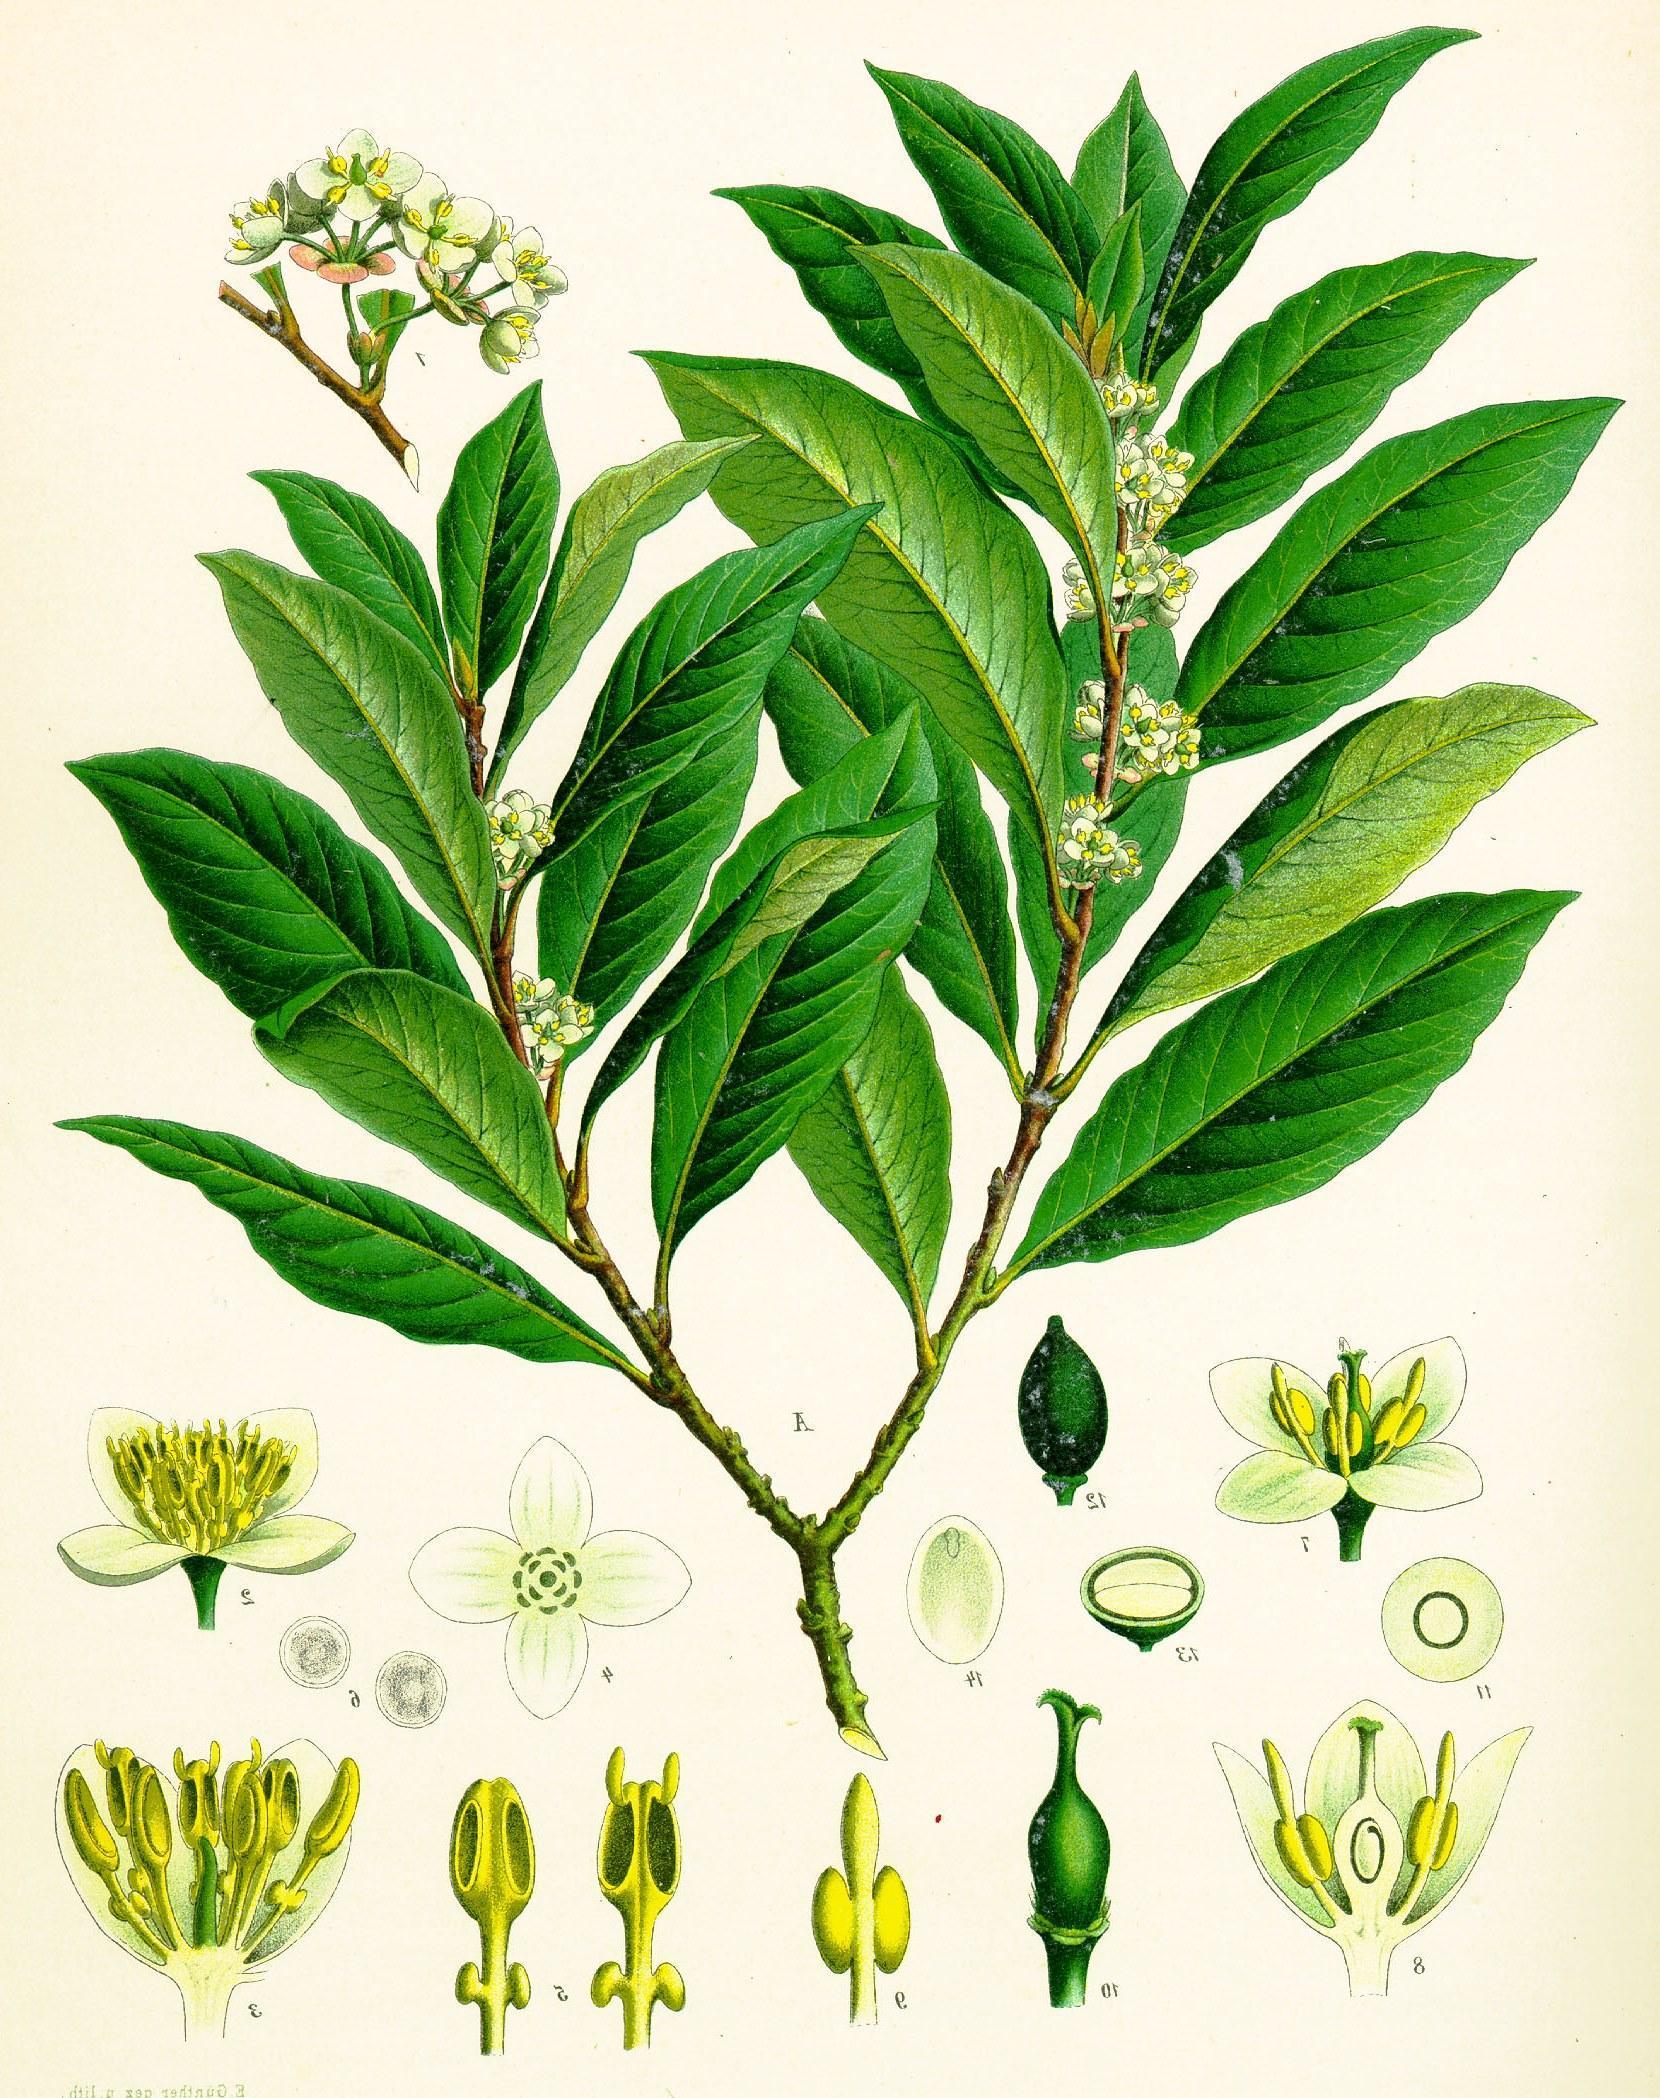 Благородный лавр - ботанические признаки